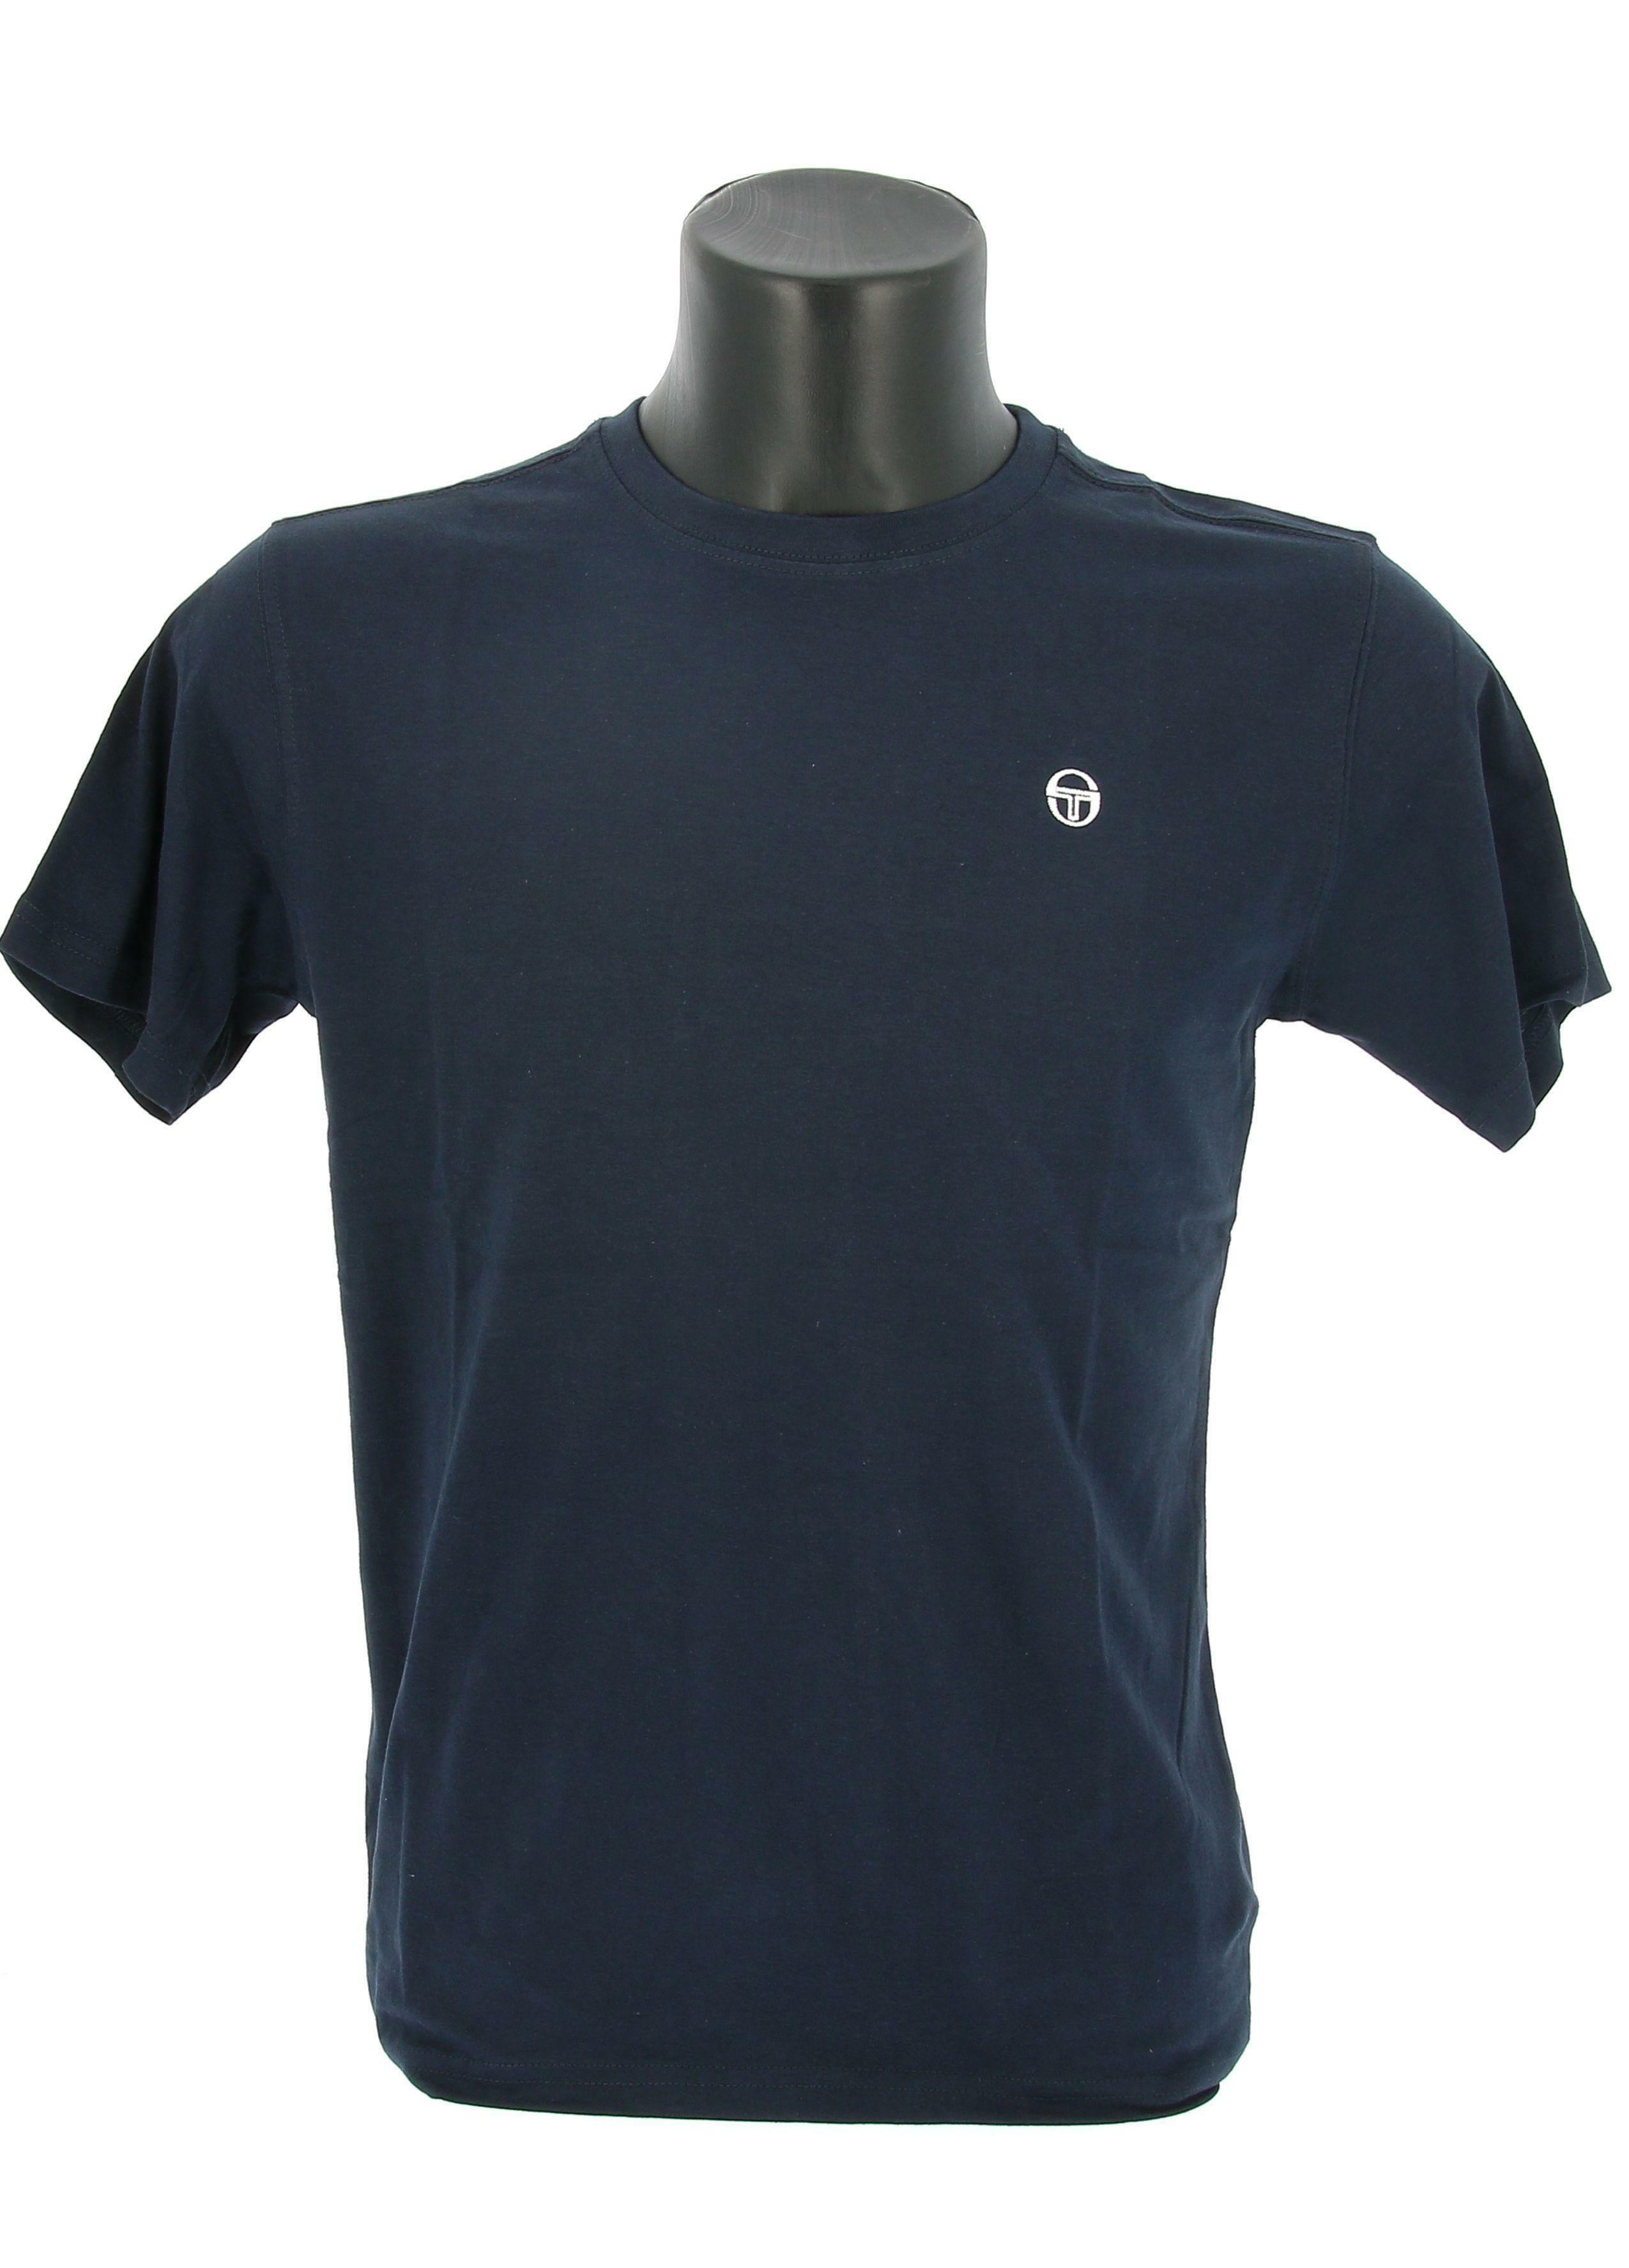 sergio tacchini sergio tacchini ss t-shirt iconic 10007 manica corta uomo blu